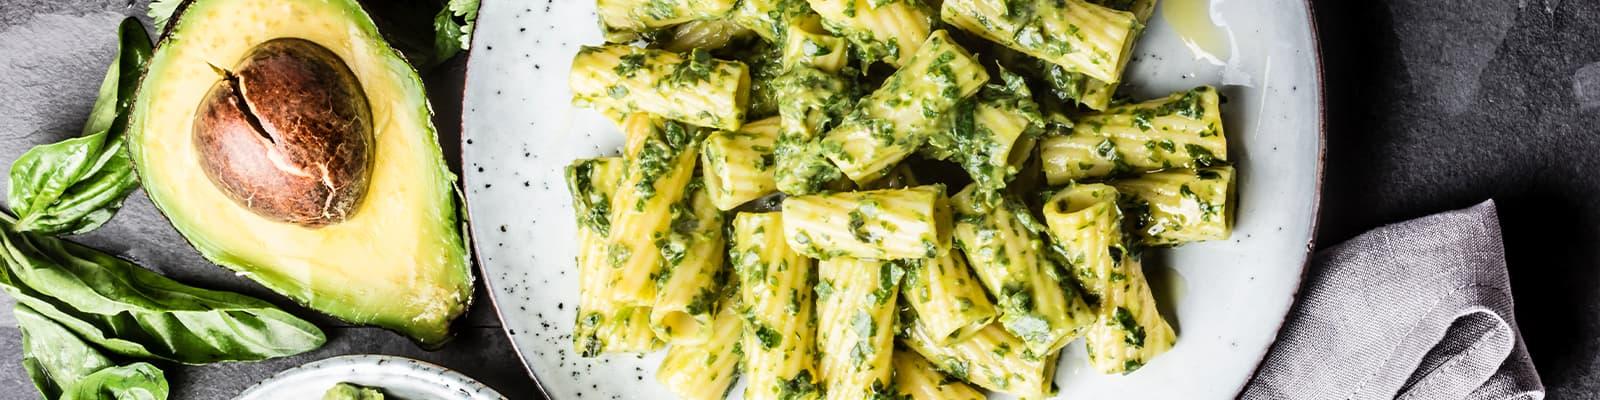 Pasta Garofalo - Elicoidali con pesto de aguacate